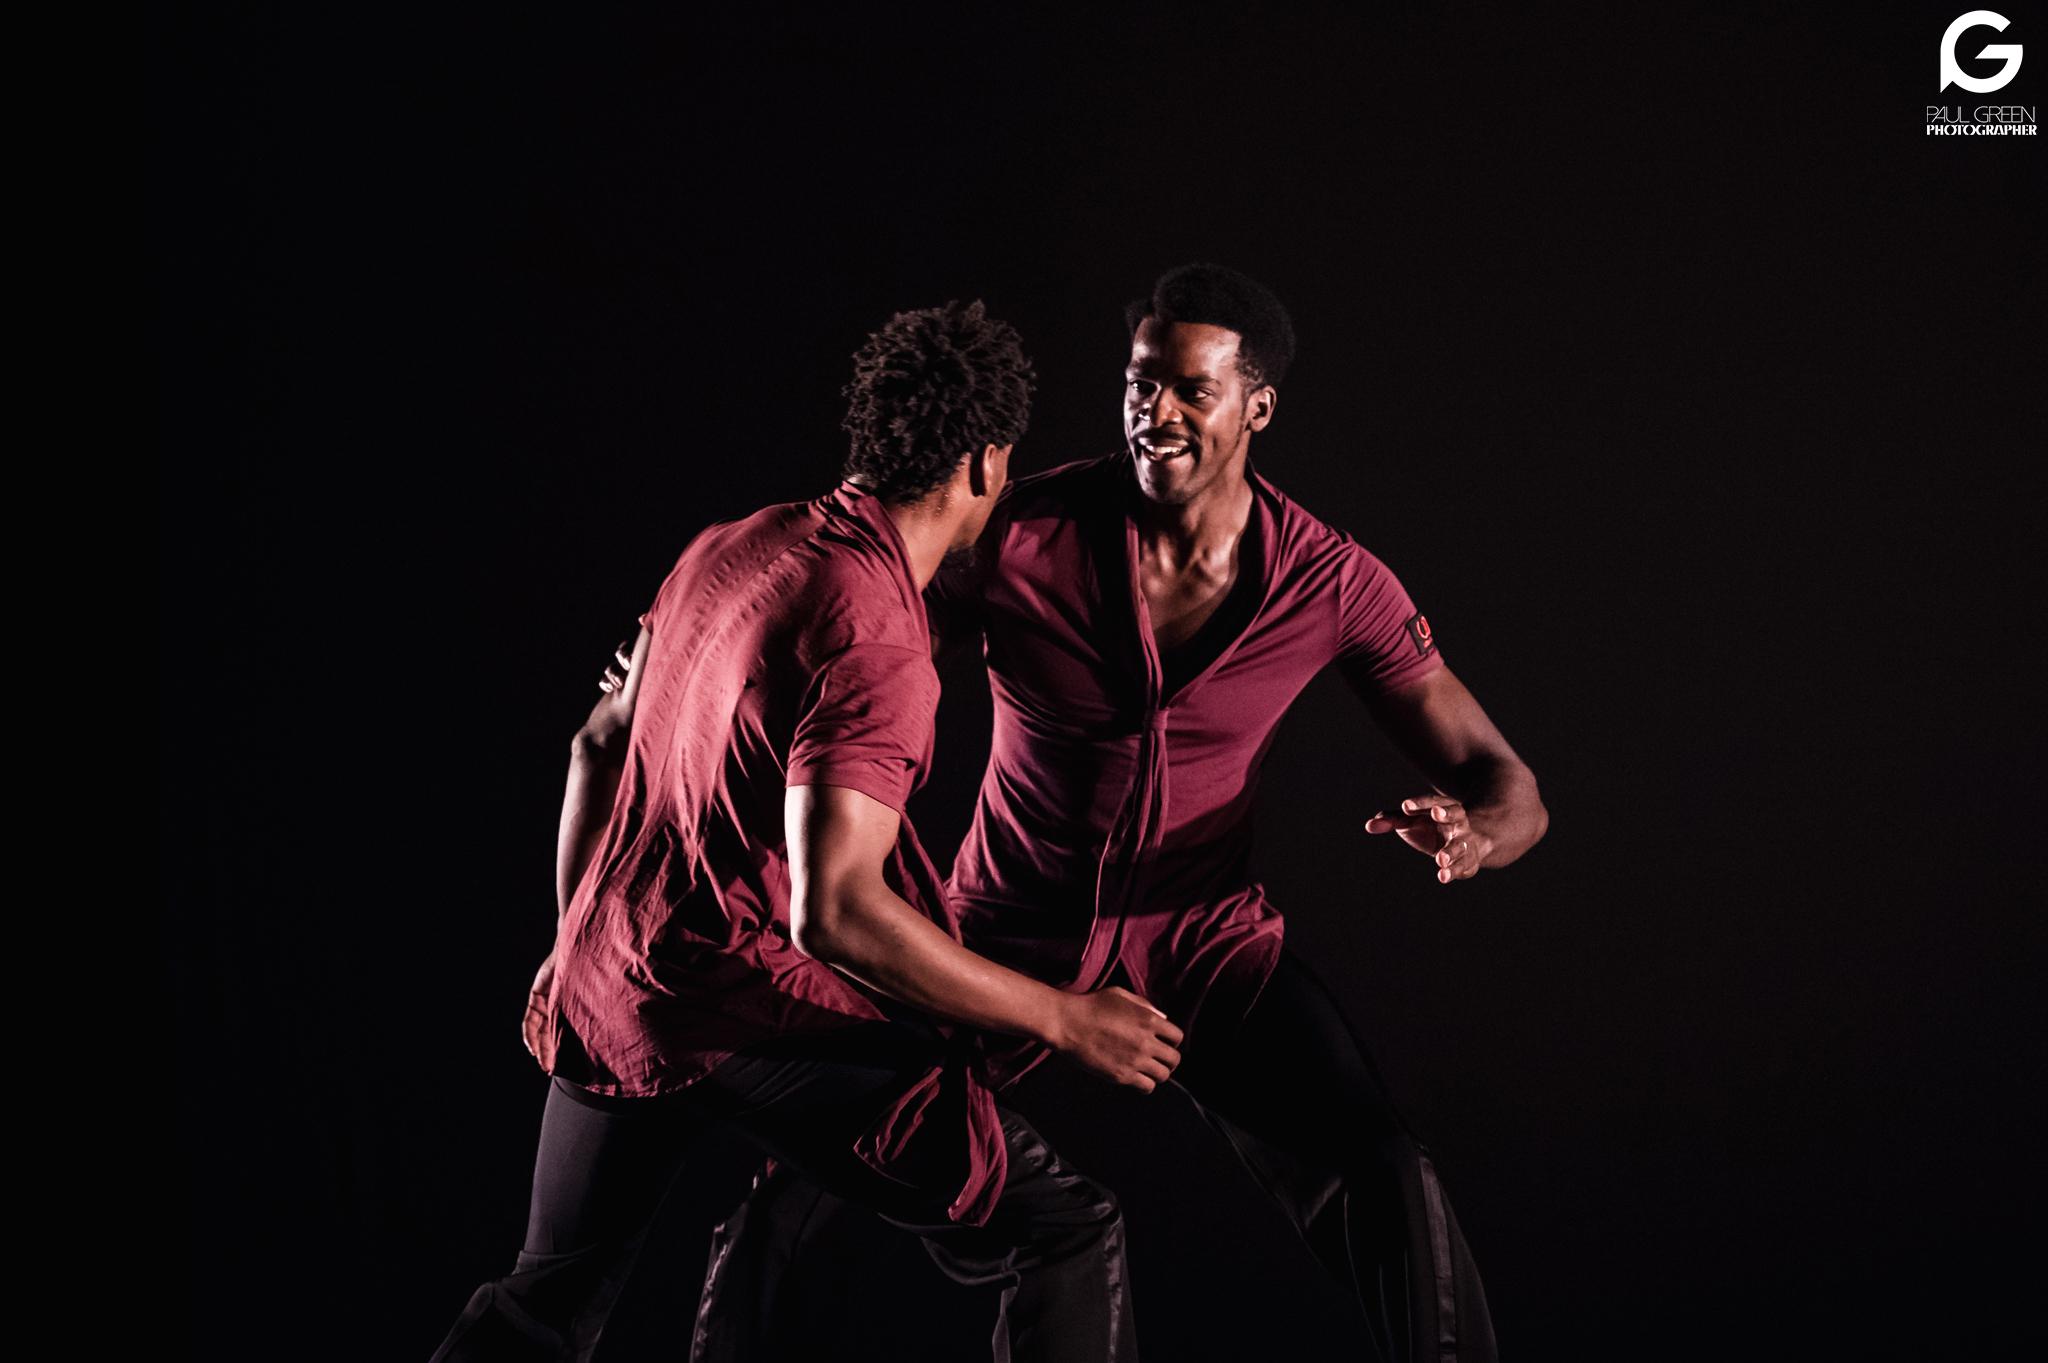 salsa, salsa hip hop fusion, BAttle BAd, kizomba,, salsa hip hop compagnie, salsa hip hop france, salsa hip hop paris, battle de salsa hip hop, xtremambo, rodrigue lino, mambo paris, breakdance, shine, breakdance en talons, beauté, muscles, salsa cubaine, salsa portoricaine, fitness, workout, show, Hip hop international , spectacle de danse, spectacle de salsa hip hop, show de salsa hip hop, paris salsa hip hop battle, centquatre paris,